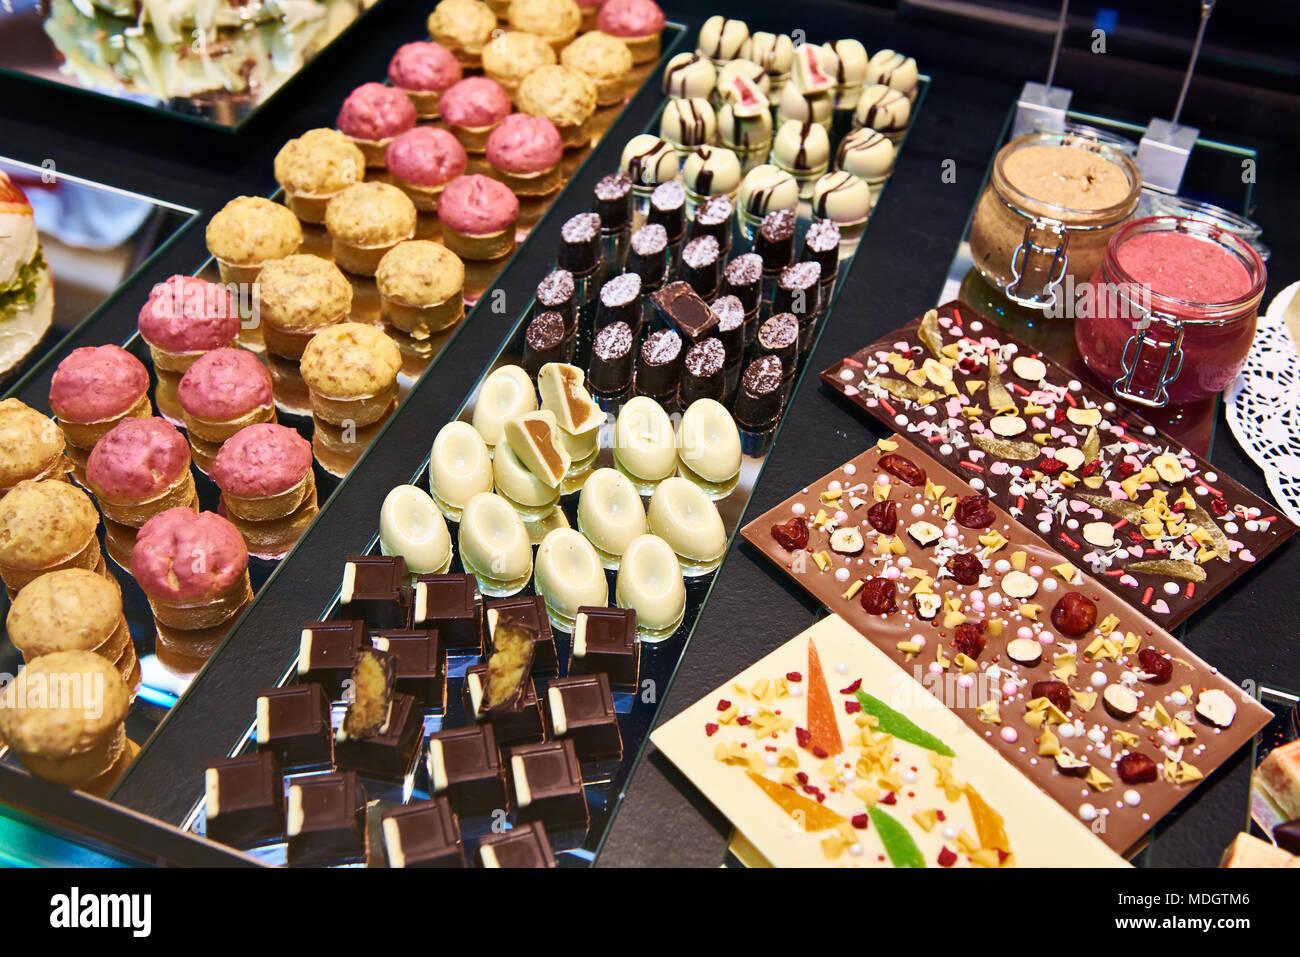 Kuchen Sussigkeiten Und Susswaren Im Schaufenster Stockfoto Bild